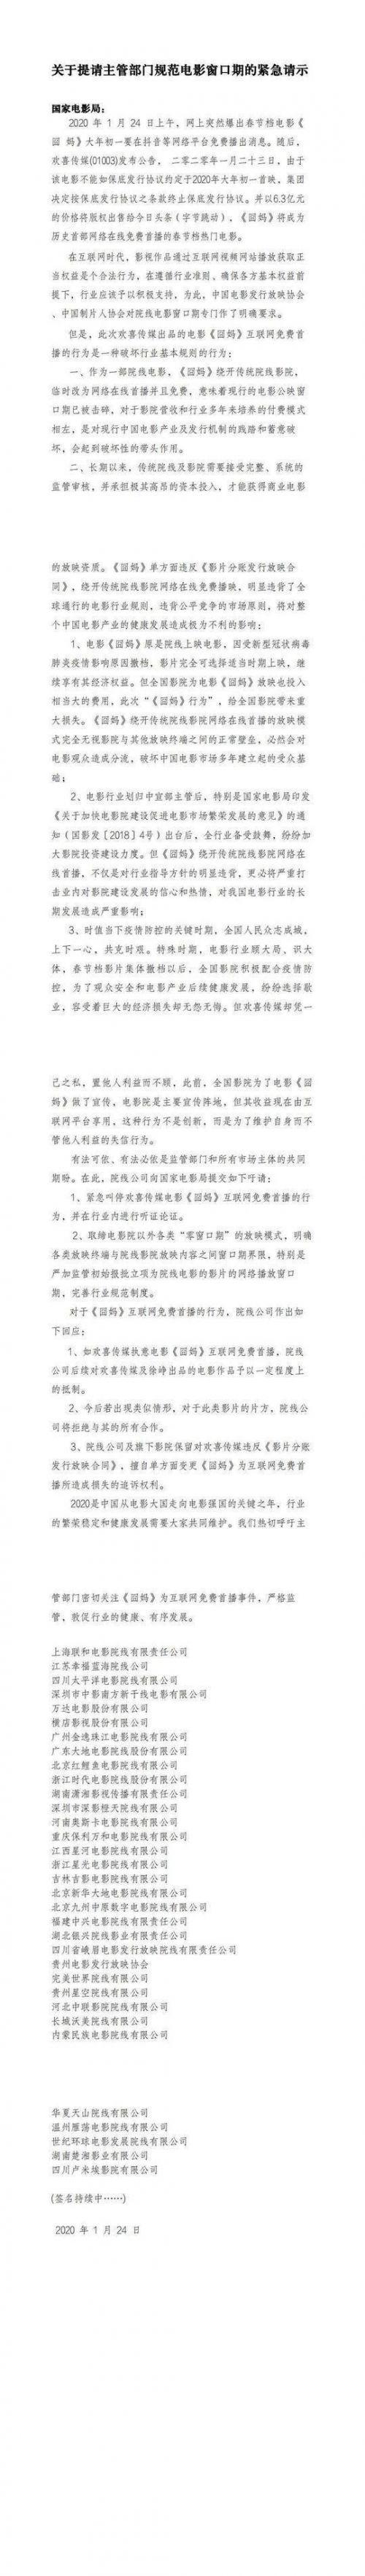 电影行业谴责囧妈说了什么?囧妈免费播出为什么遭电影行业谴责